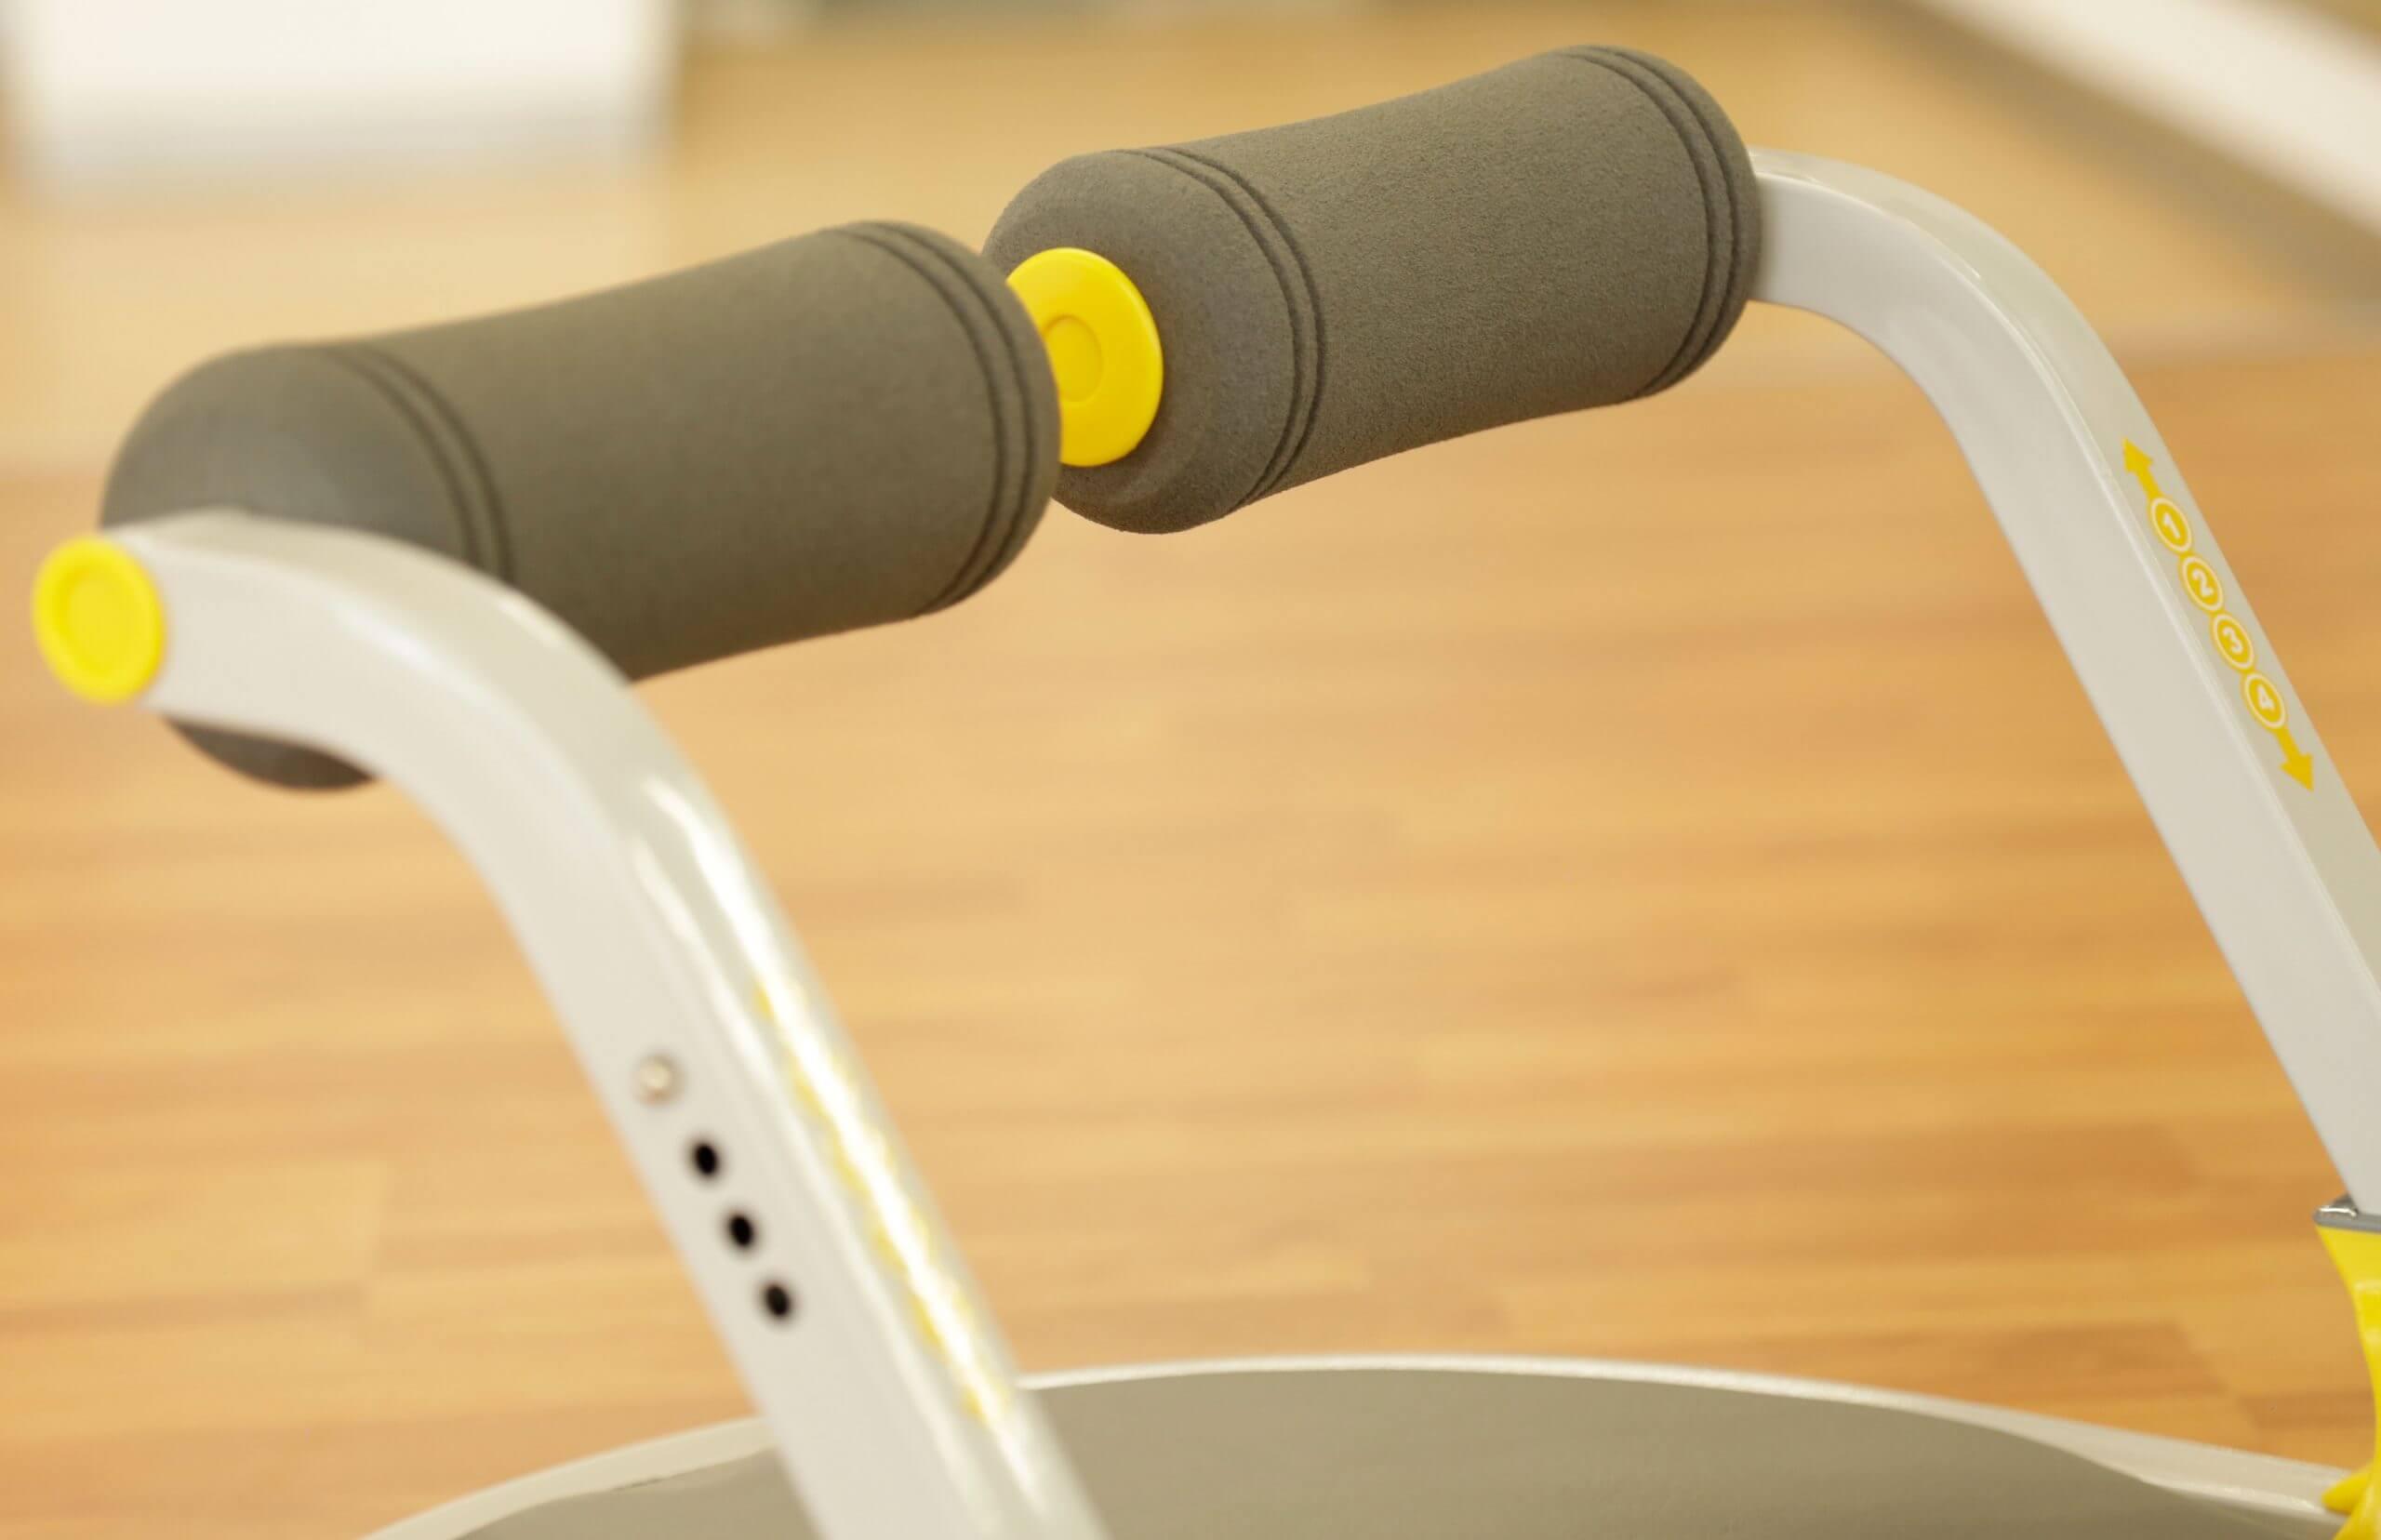 El aparato de ejercicio Ab Tomic tiene cilindros de espuma en los brazos.